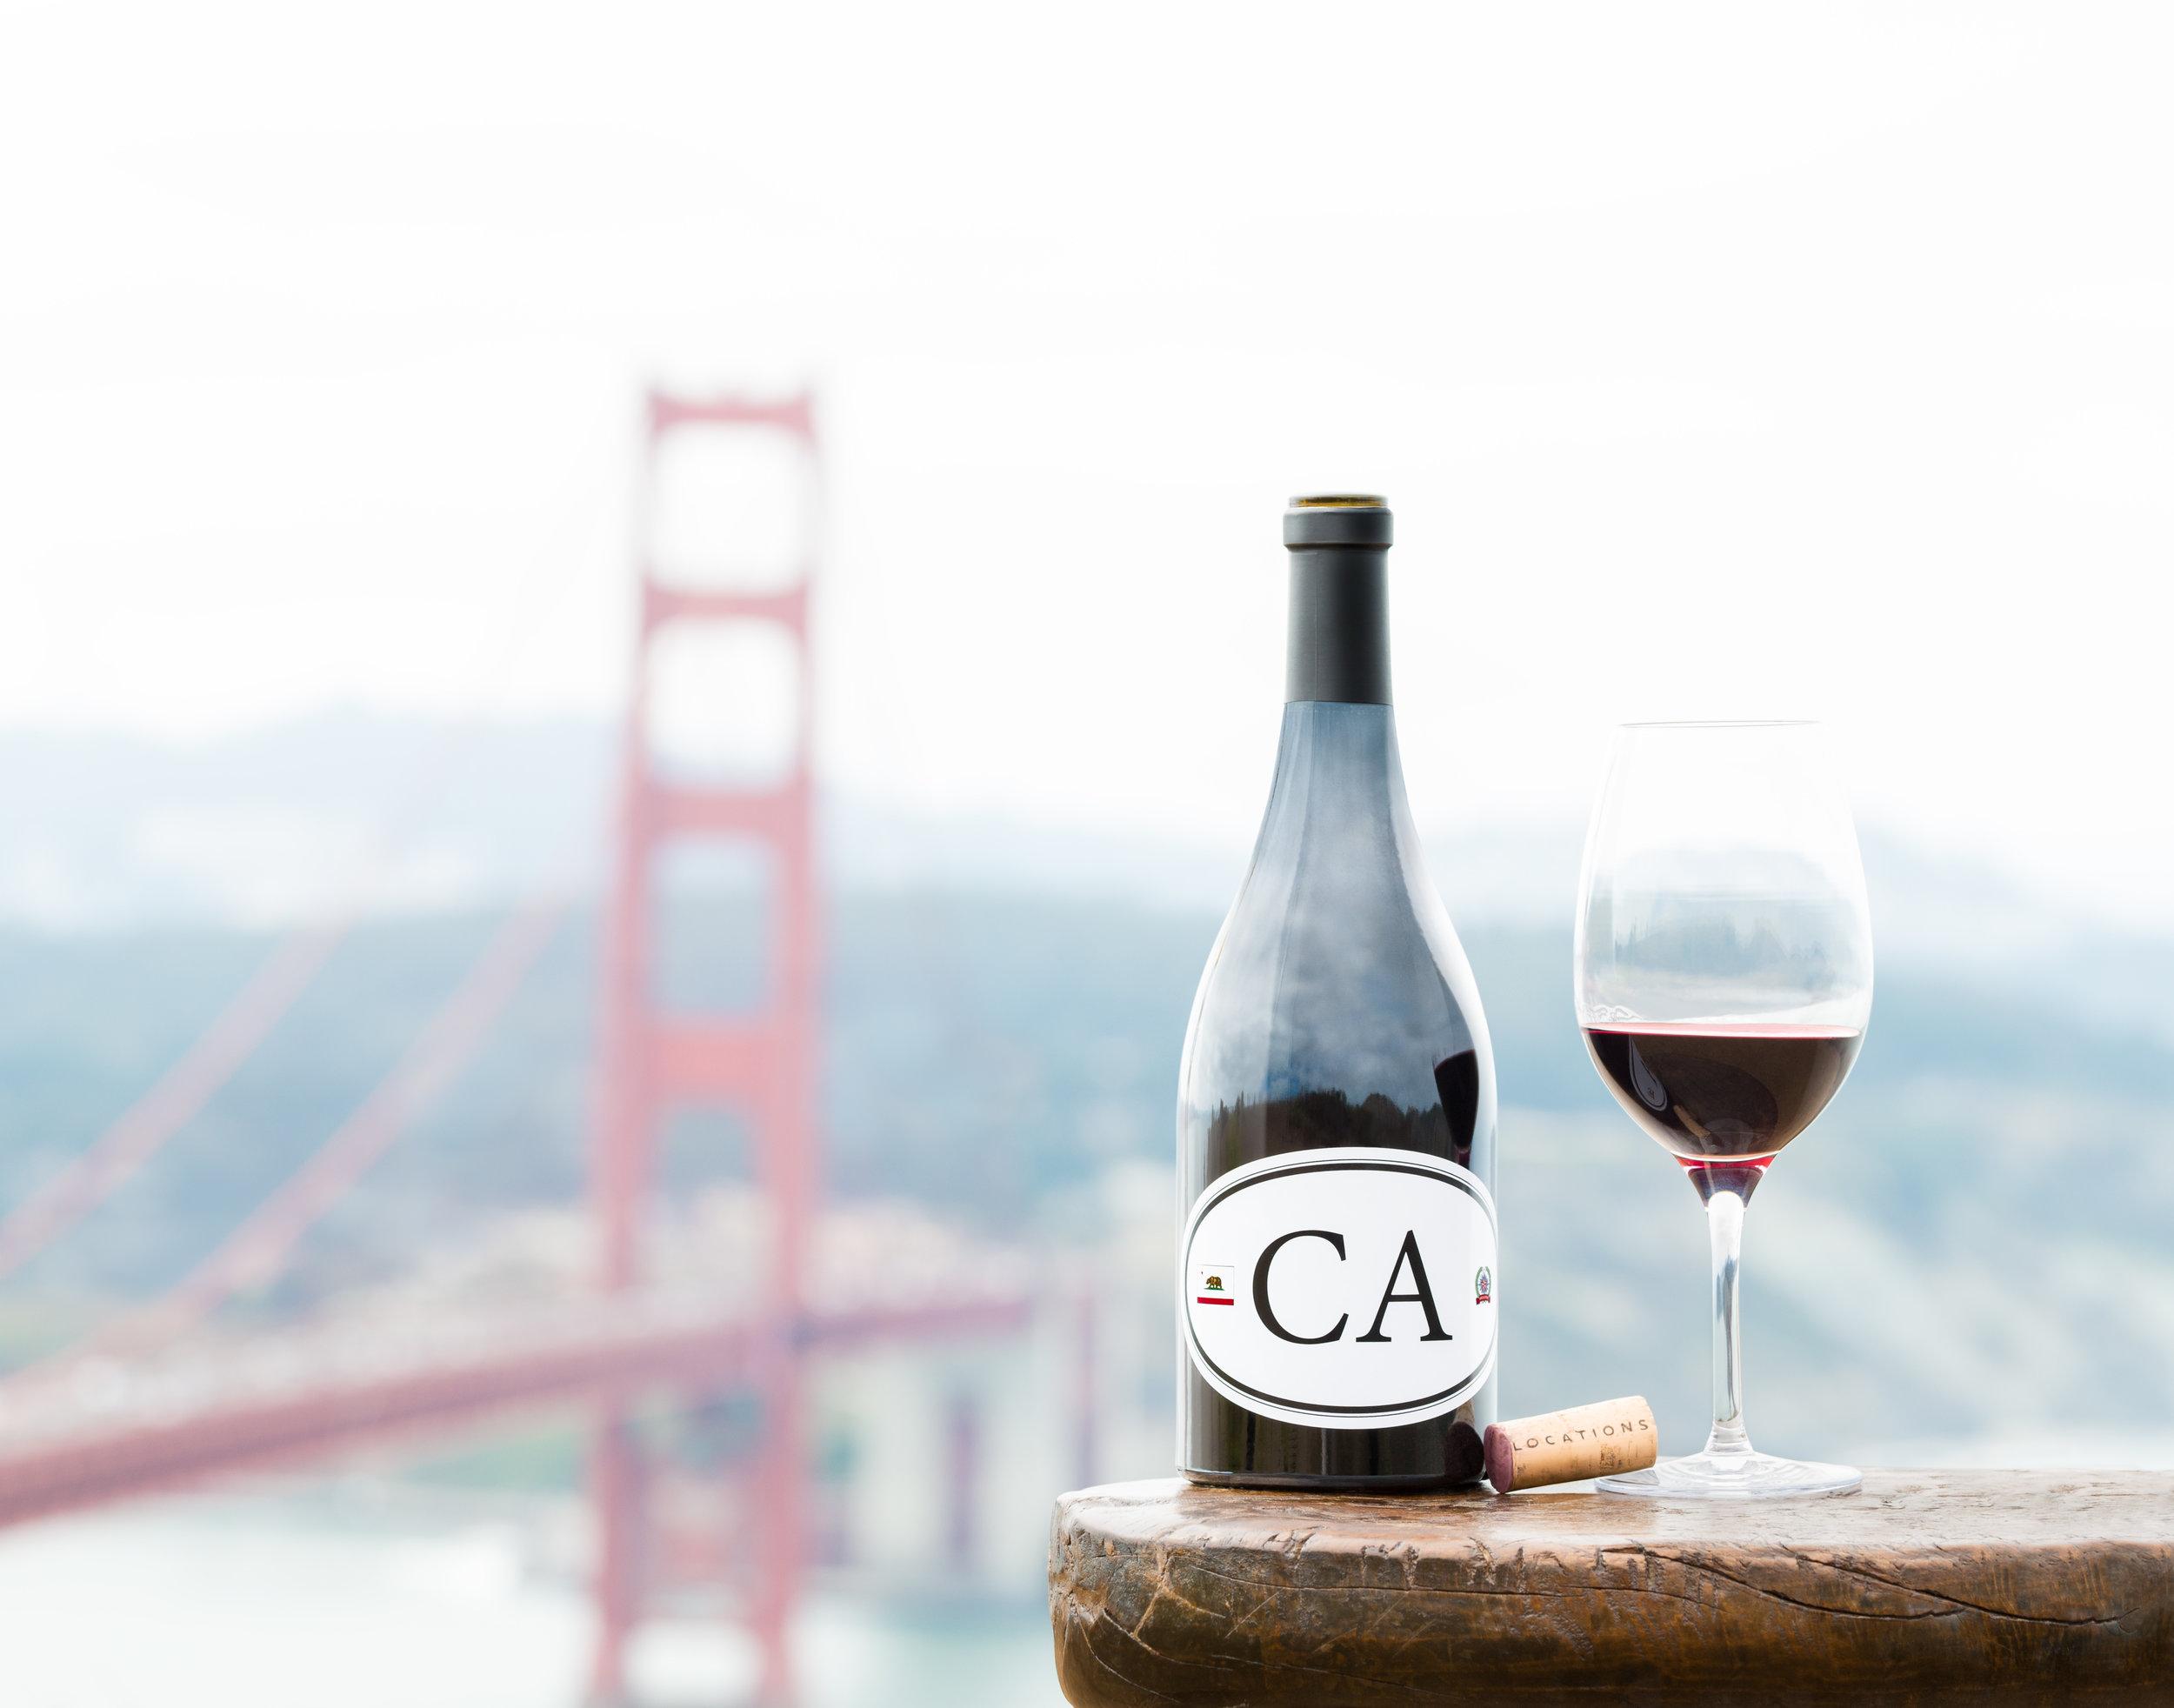 Locations-CA-full-bottle.jpg